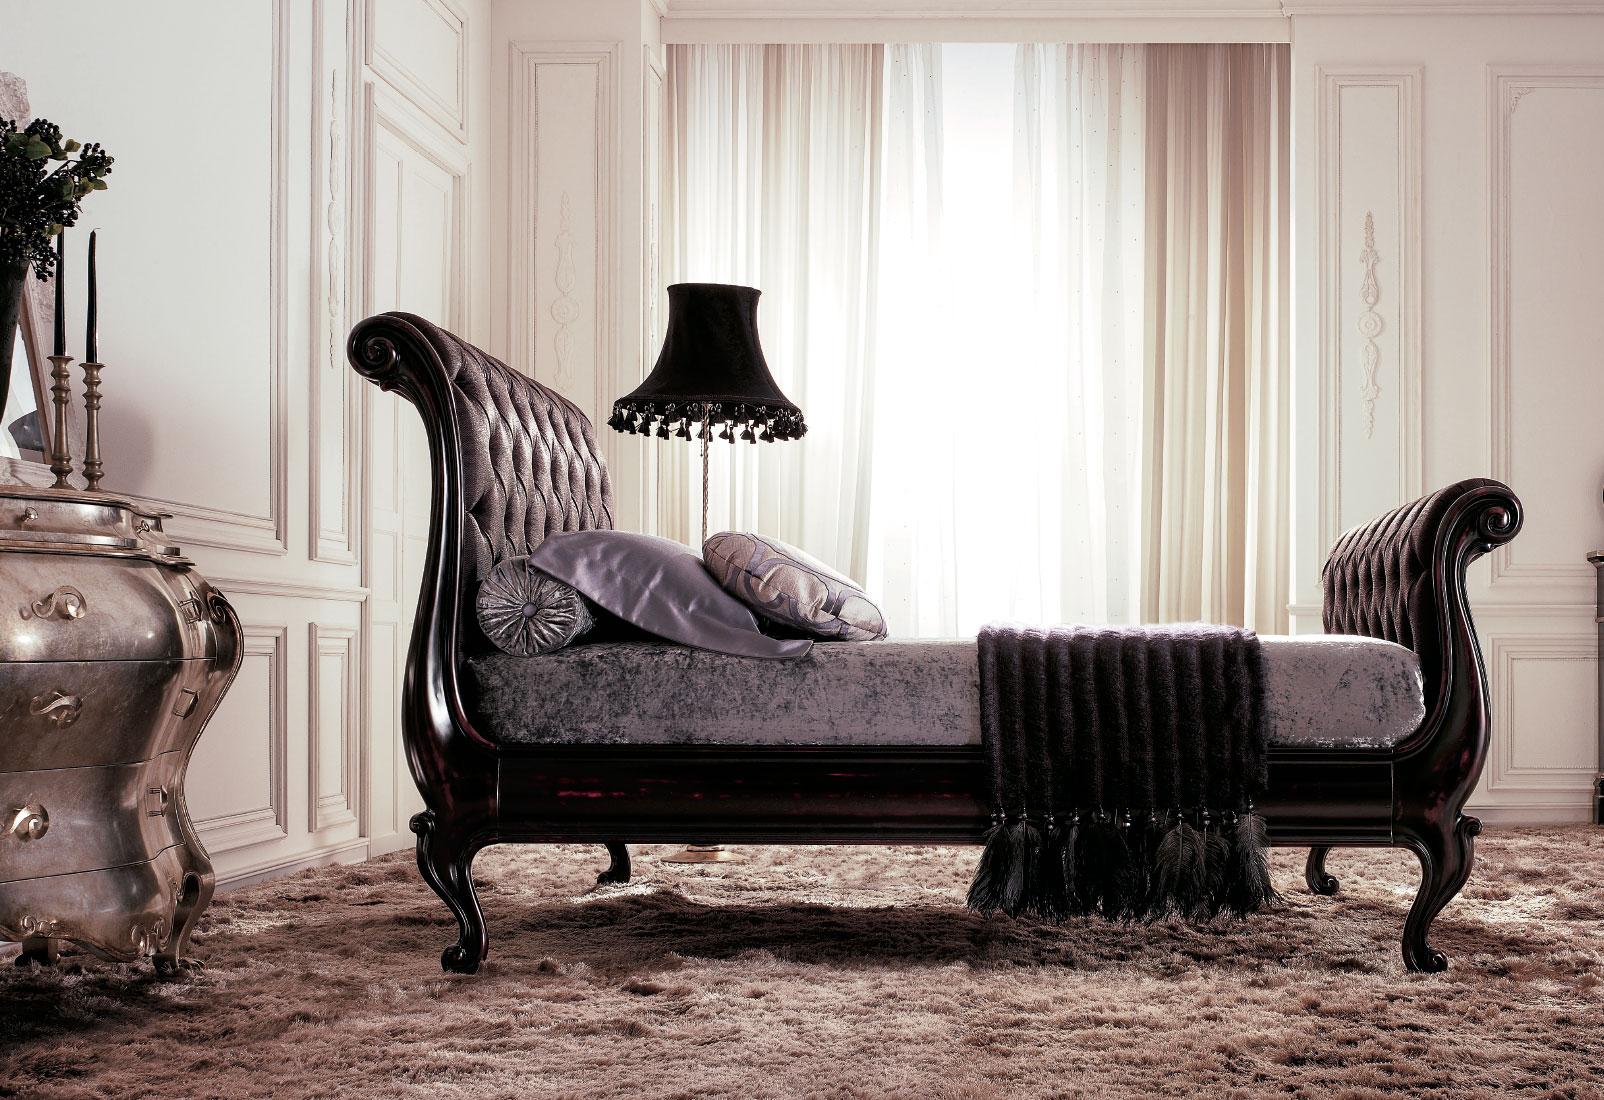 Letti in legno classici intagliati a mano per larredamento classico della camera da letto di Giusti Portos